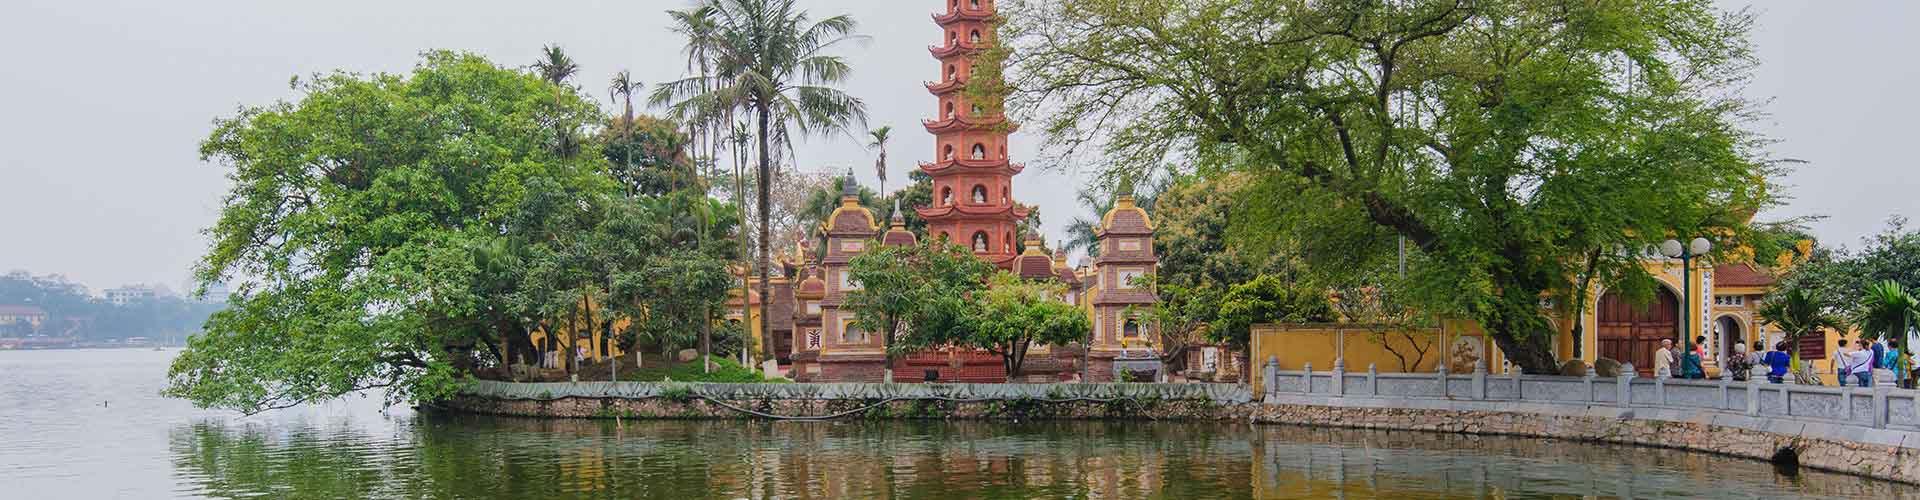 하노이 - 하노이에 있는 호스텔. 하노이의 지도, 하노이에 위치한 호스텔 사진 및 후기 정보.